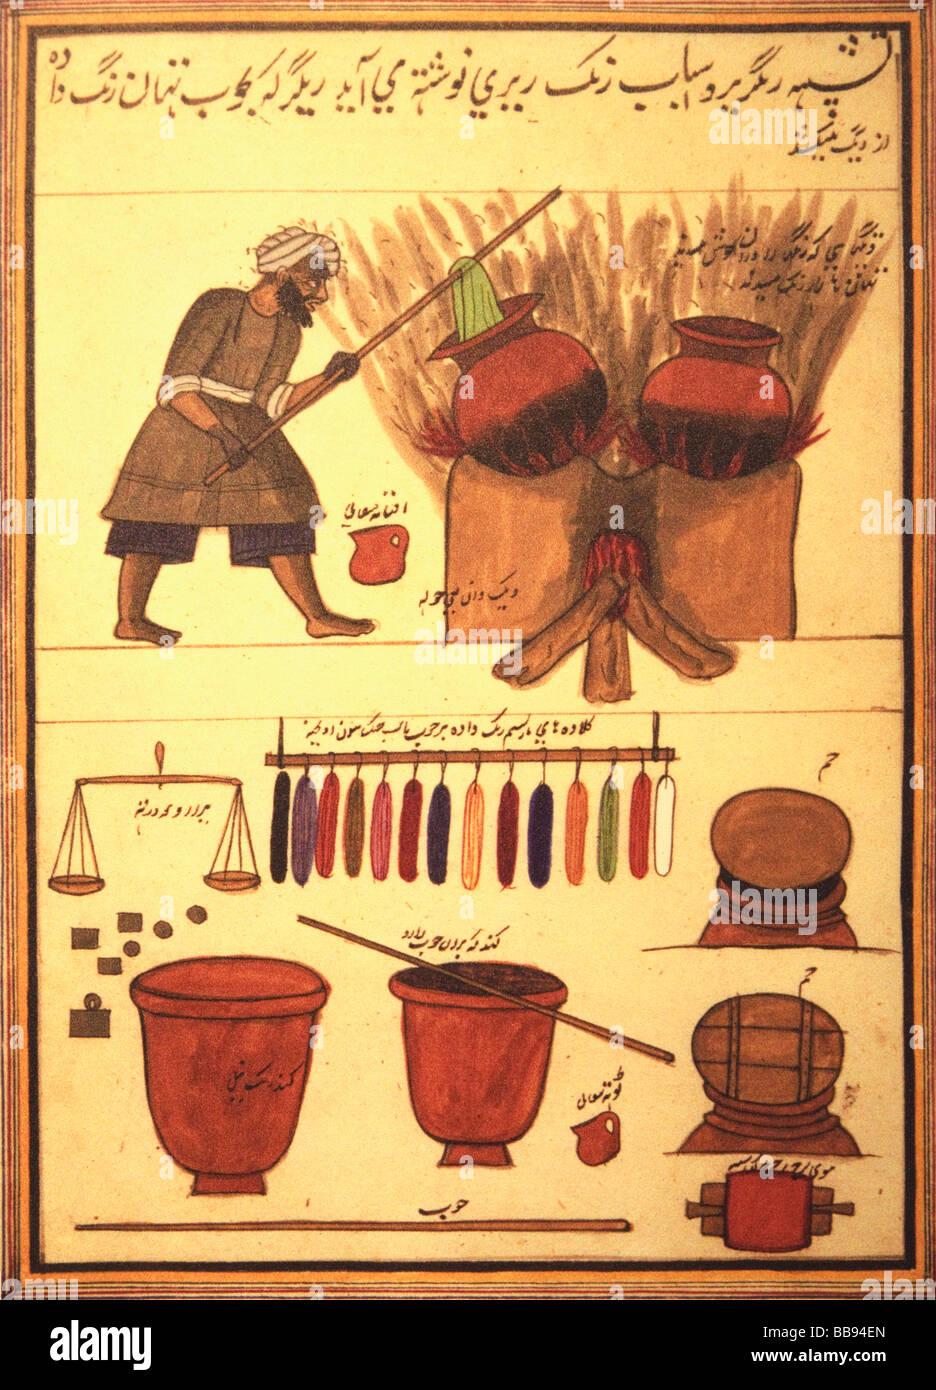 Un Arabe dyer la teinture tissu. Les outils de son métier ci-dessous Photo Stock